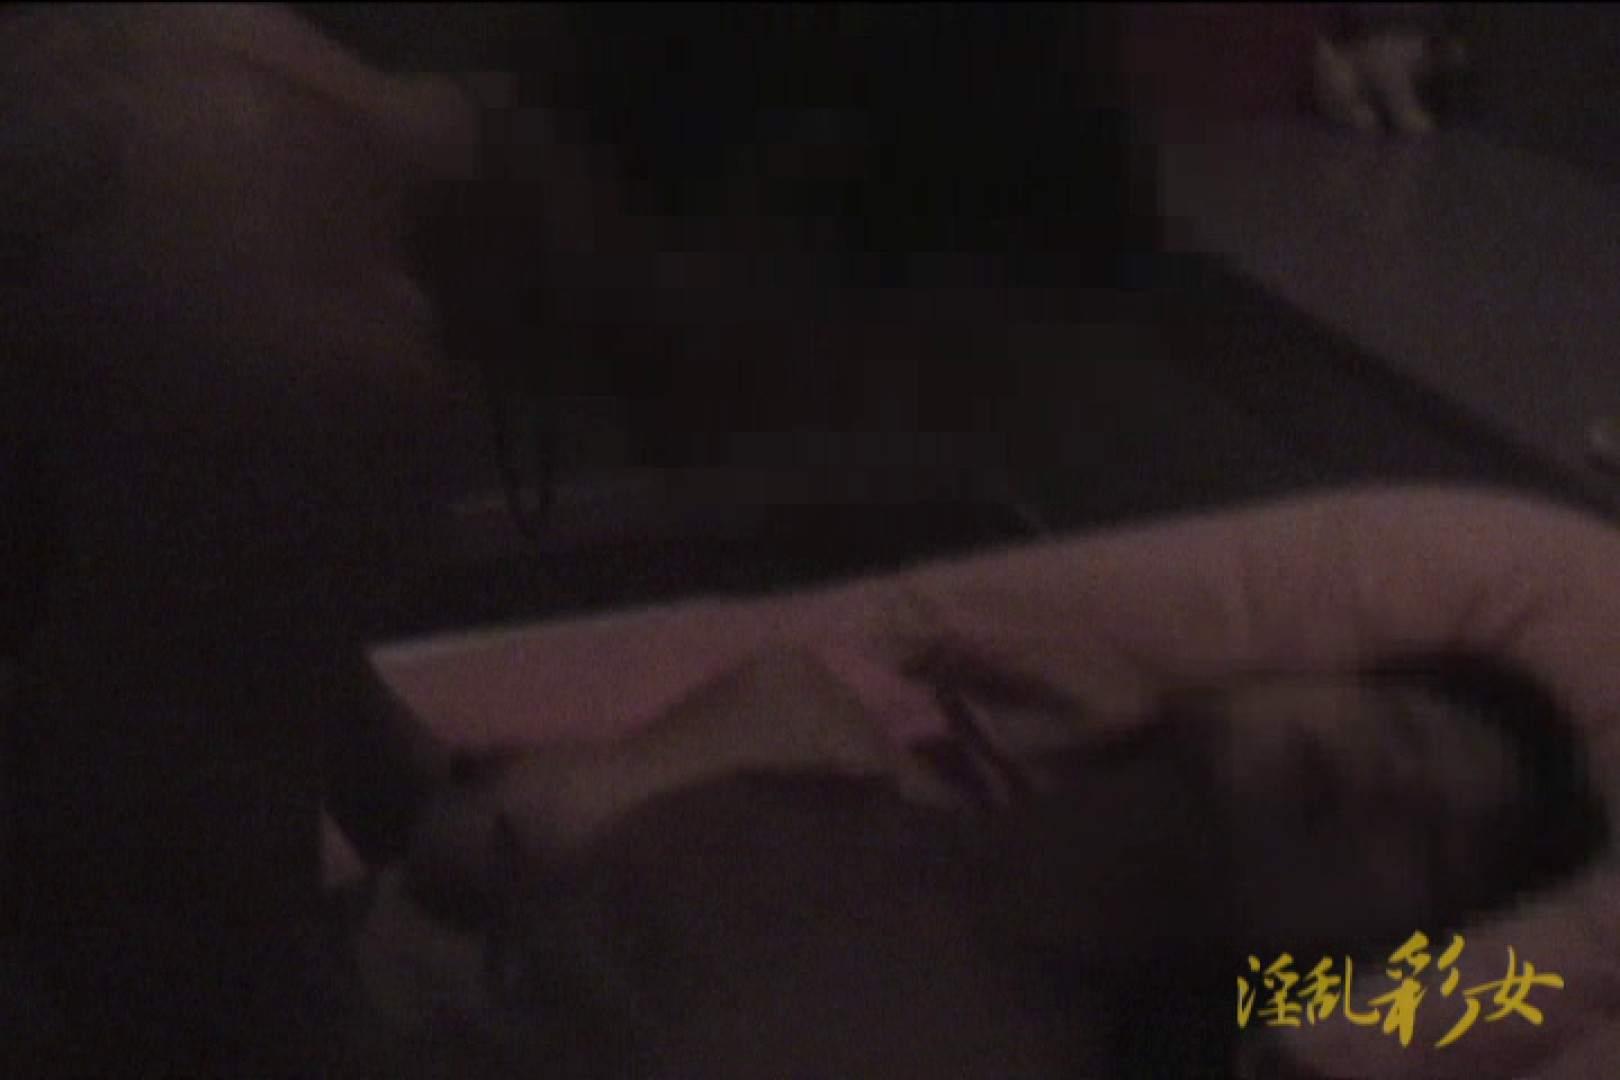 淫乱彩女 麻優里 旦那の前で王様ゲーム フェラ ワレメ無修正動画無料 49枚